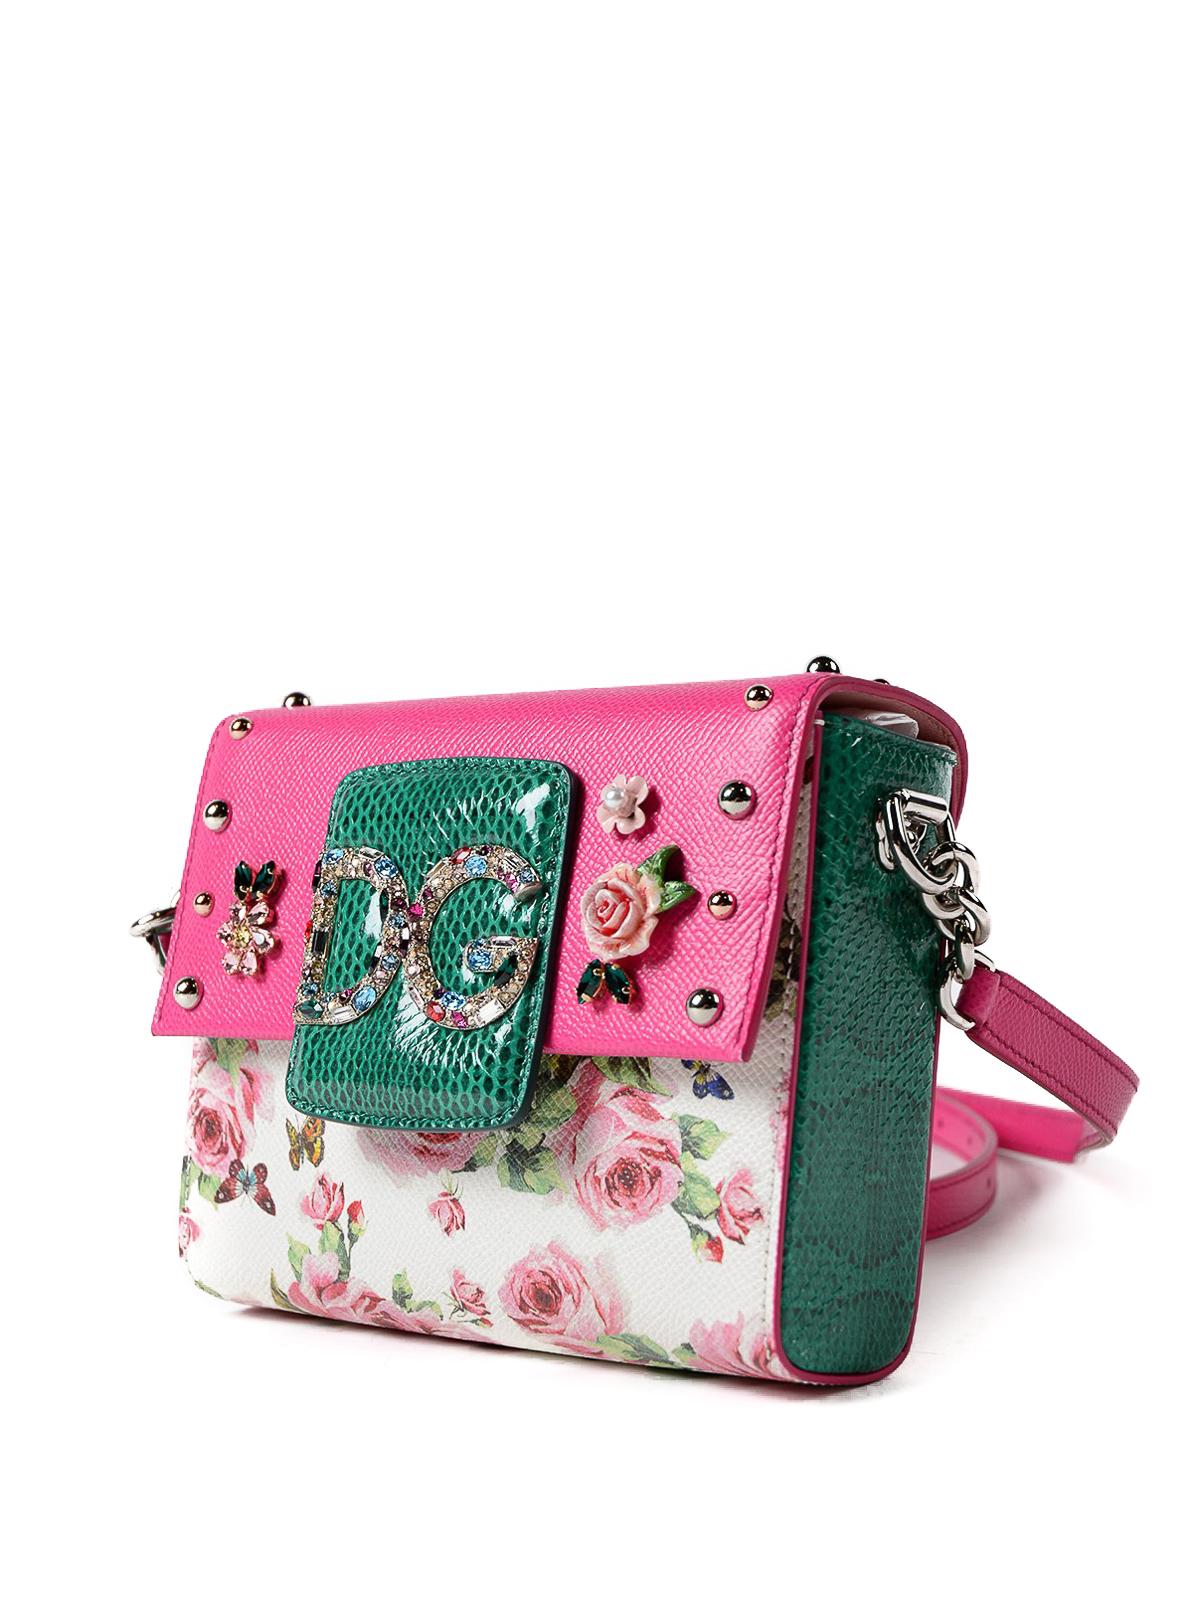 eef6152bccf1e DOLCE   GABBANA  cross body bags online - DG Millennials S crossbody bag